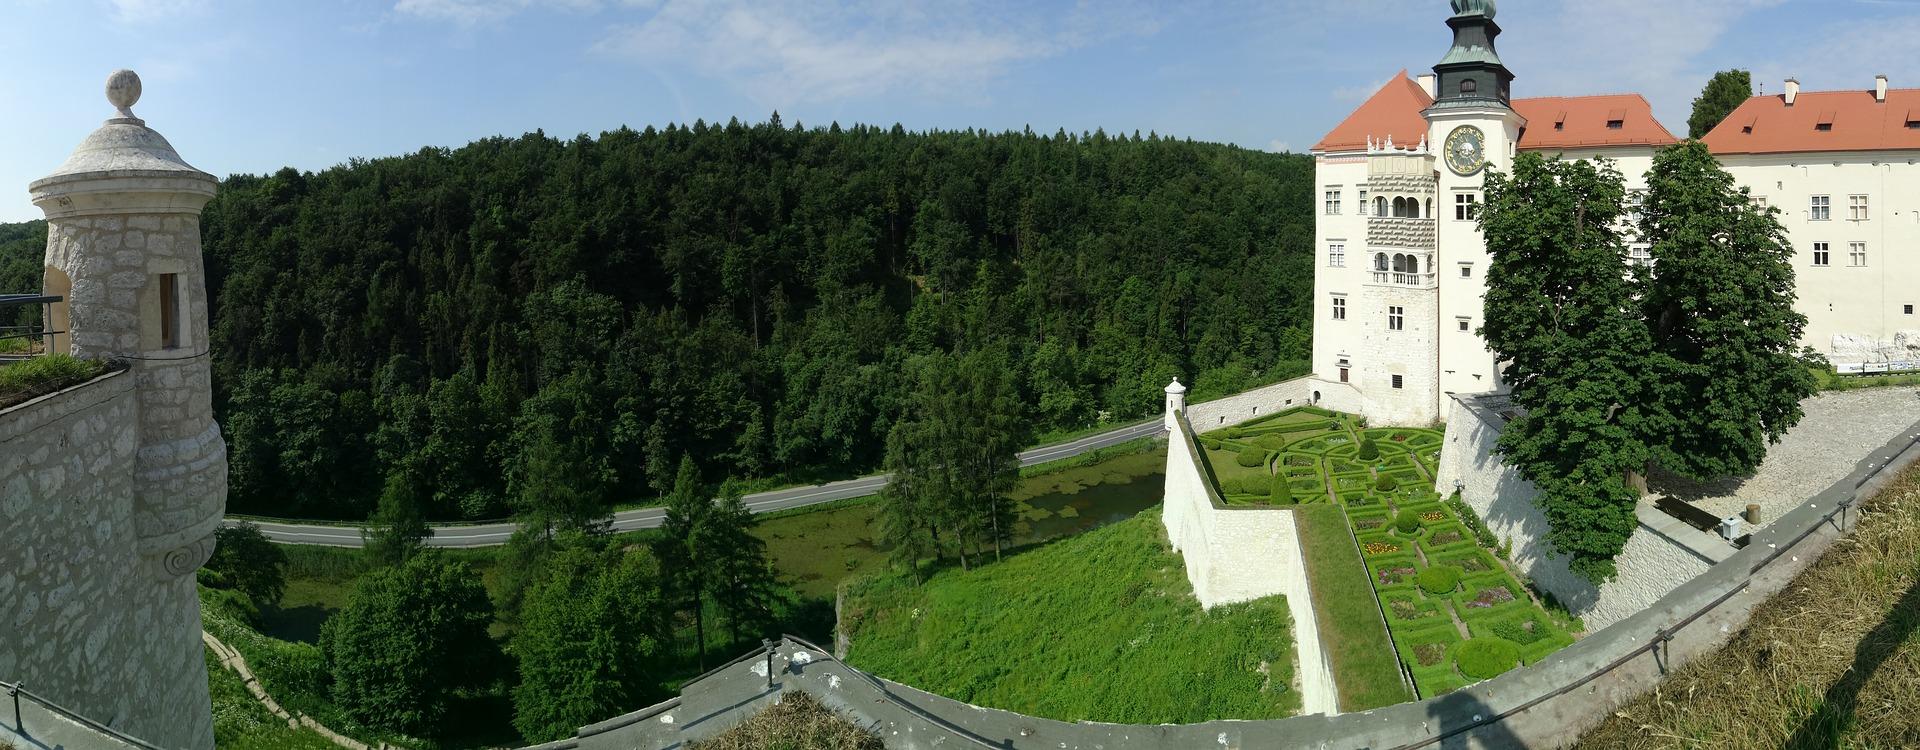 castle-1639681_1920